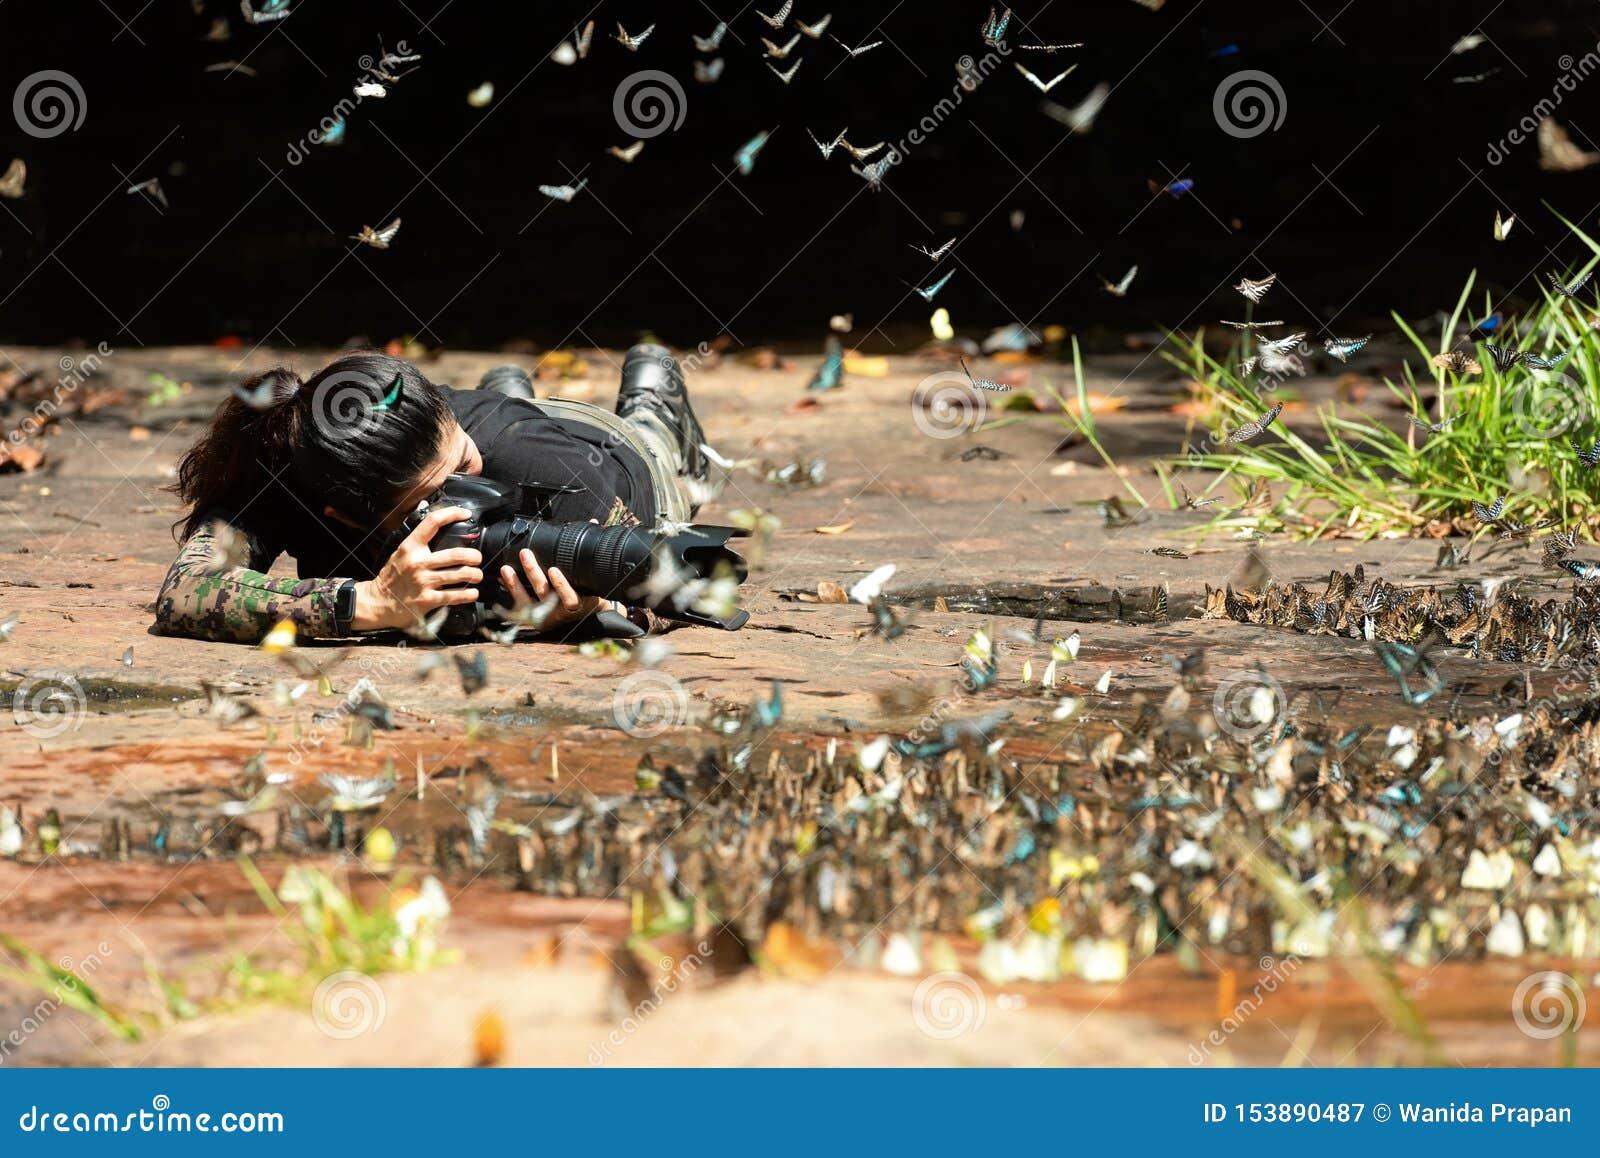 Berufsfrauenphotograph, der Schmetterling in der grünen Dschungelregenwaldnatur nimmt